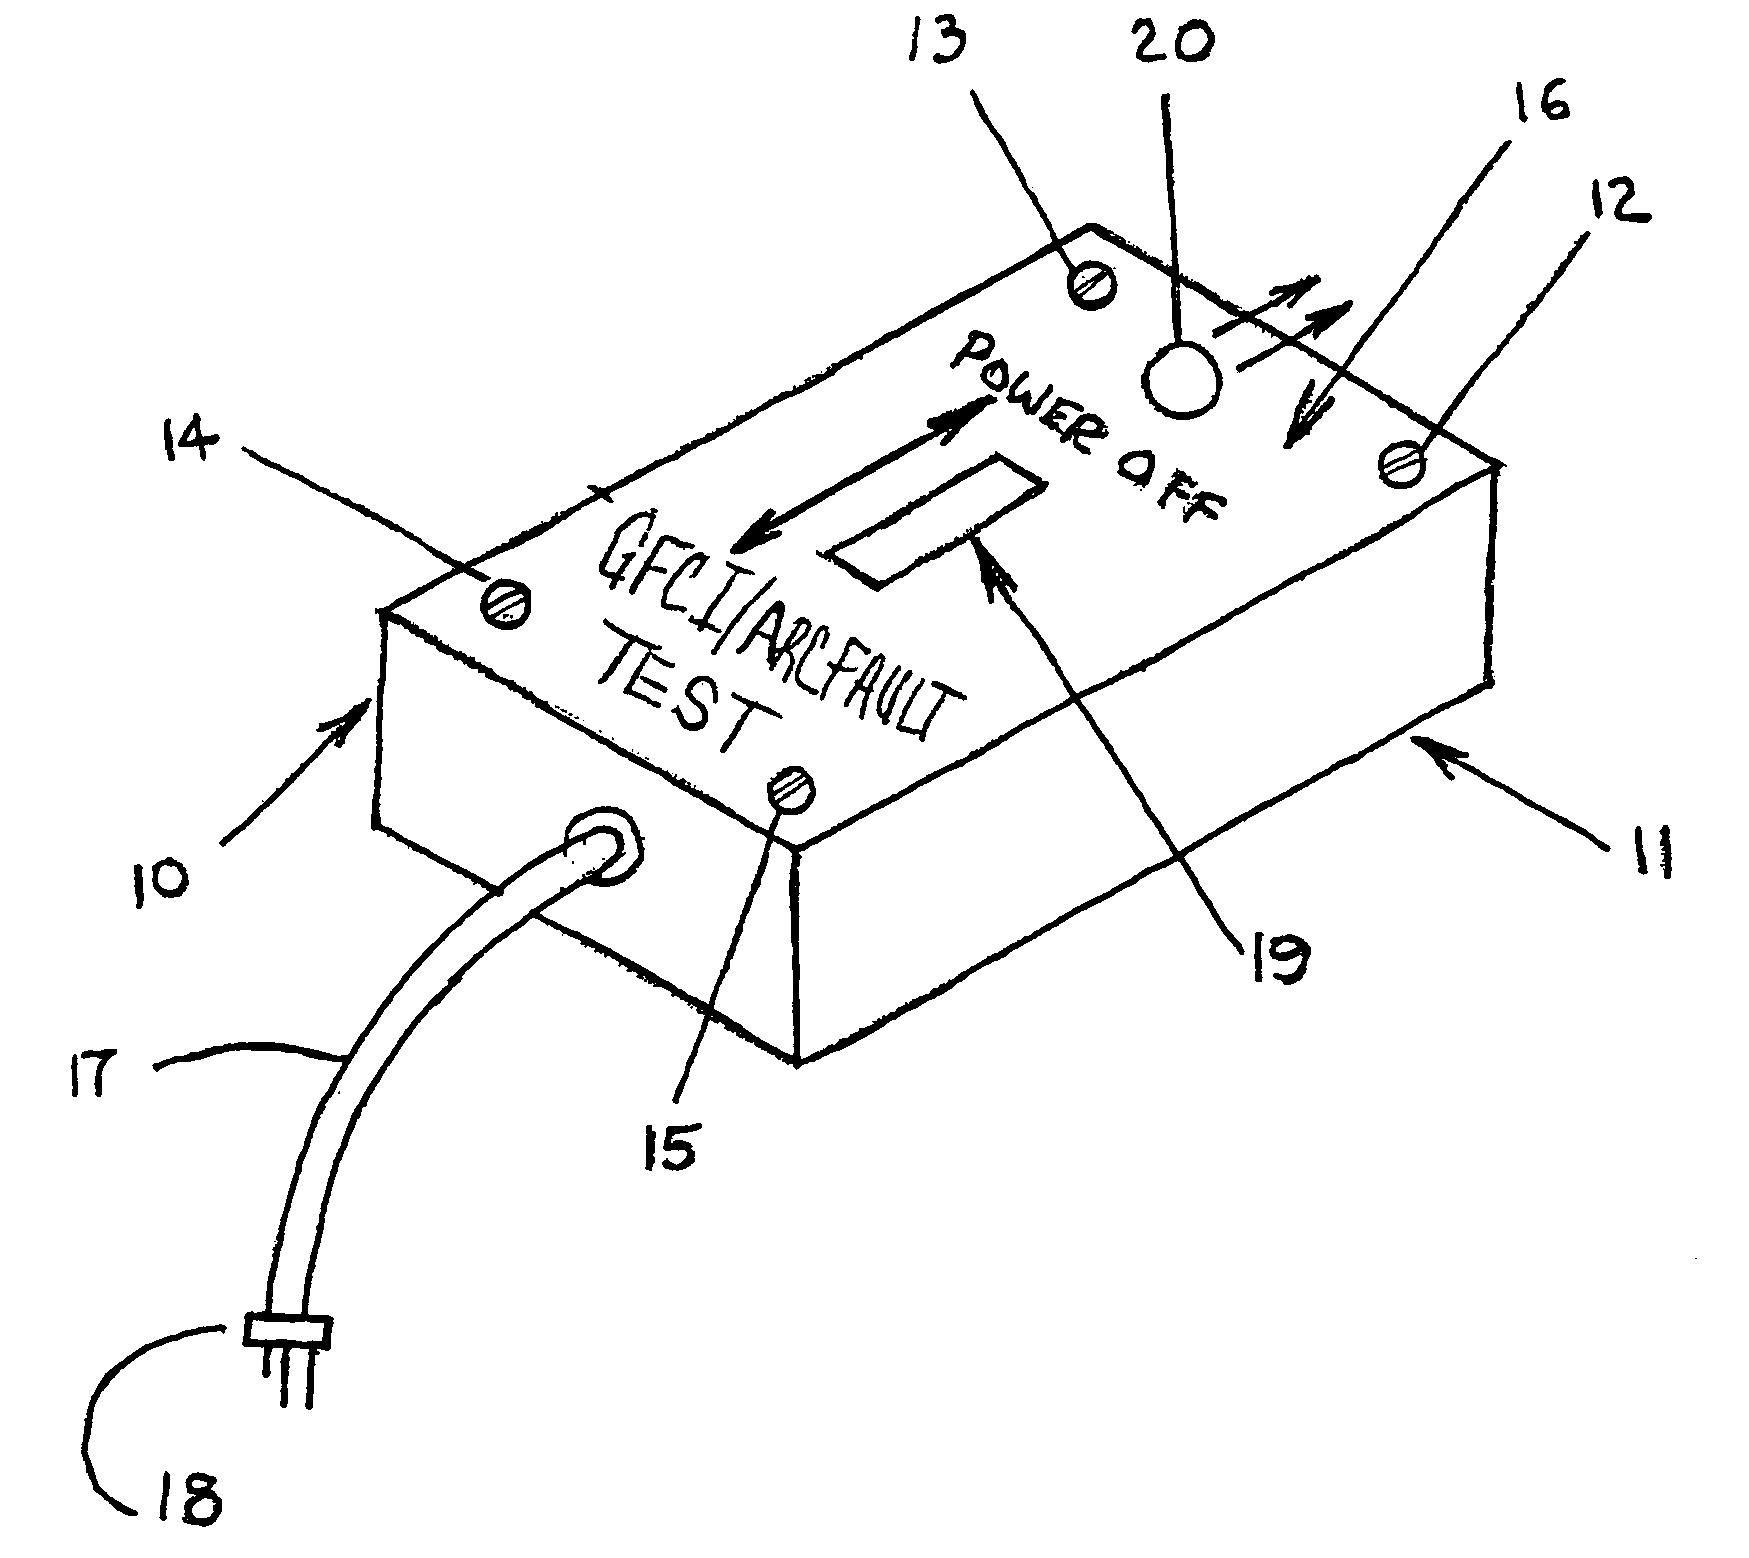 Short Circuit Wiring Diagram, Short, Get Free Image About